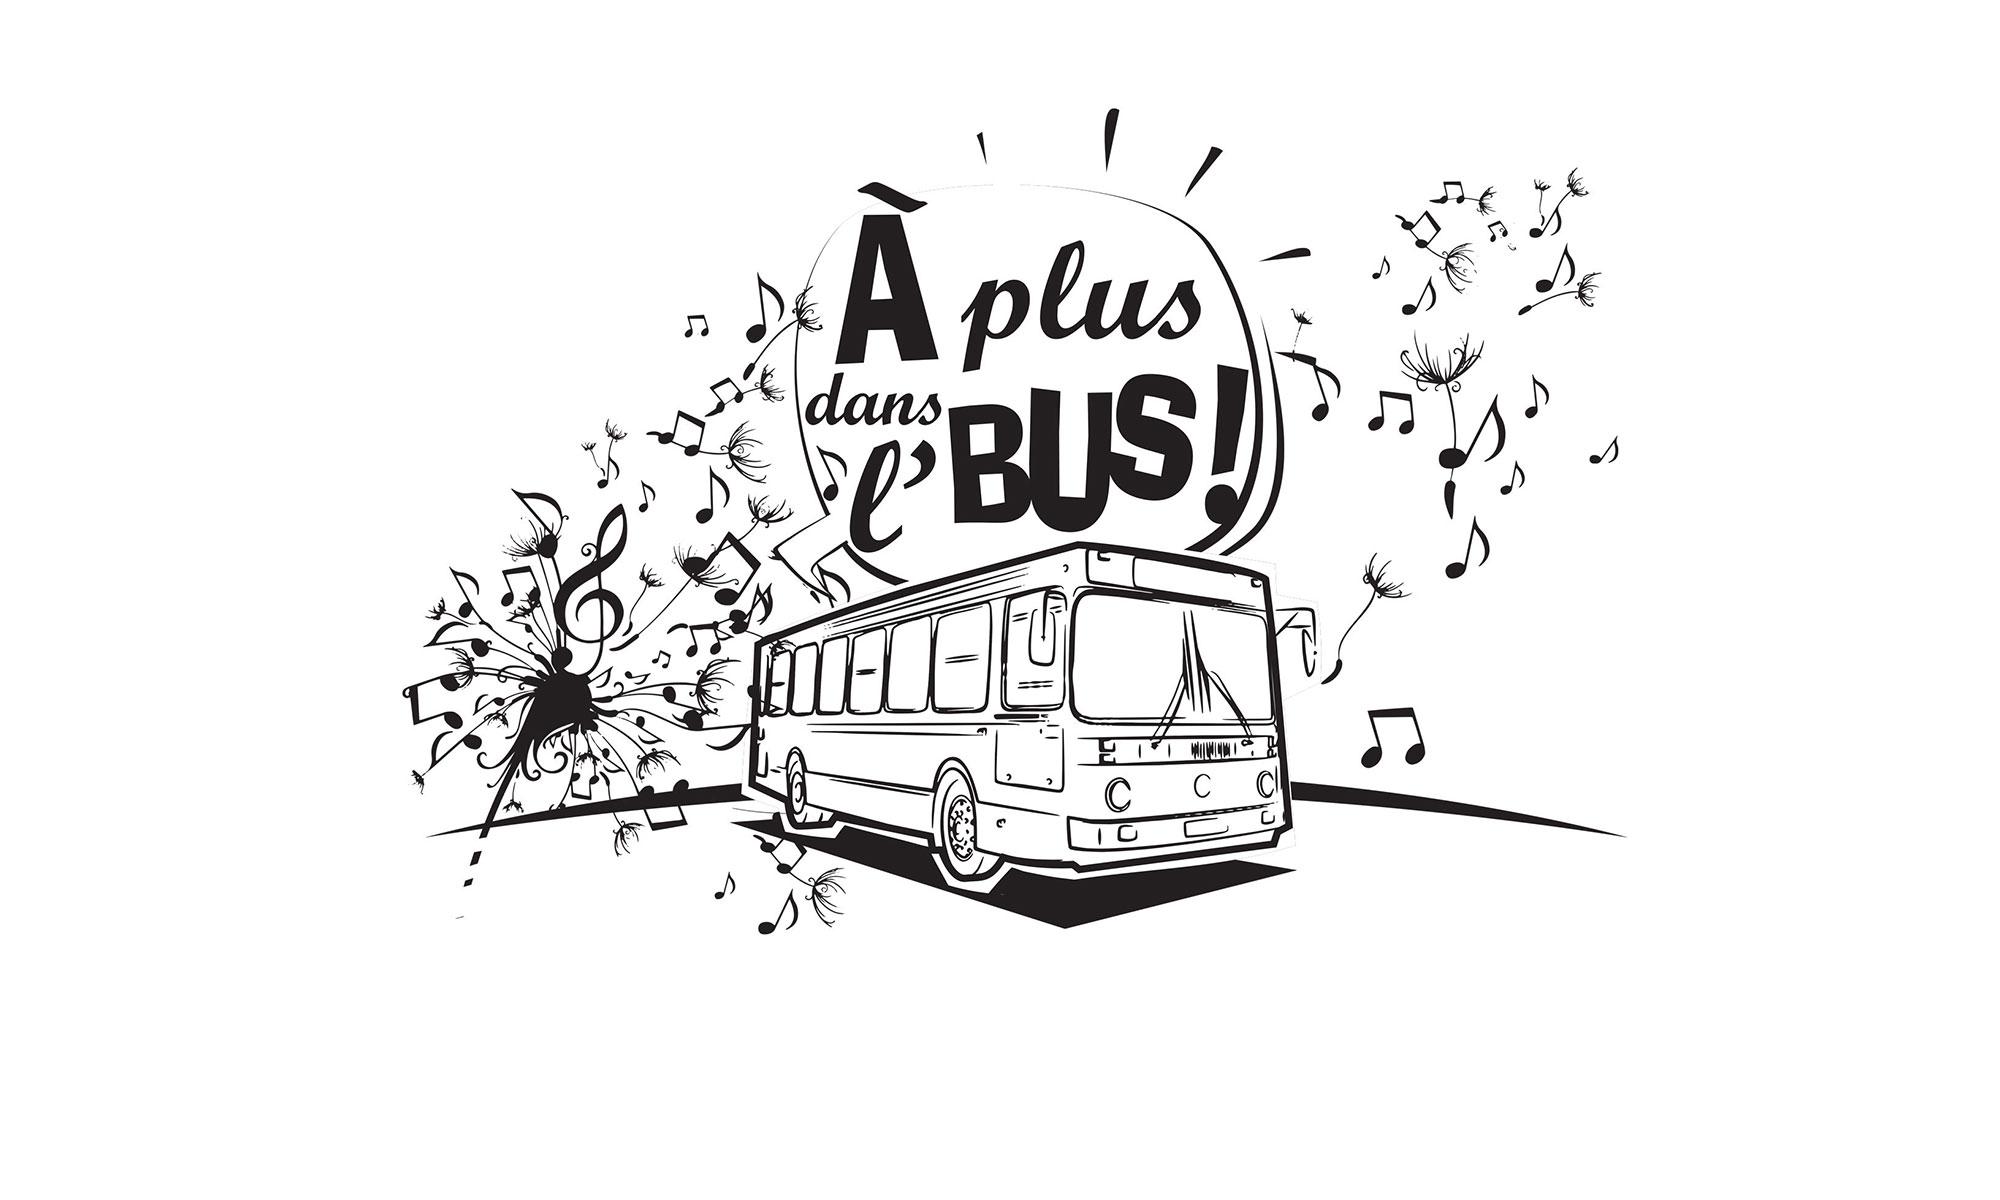 A plus dans le bus